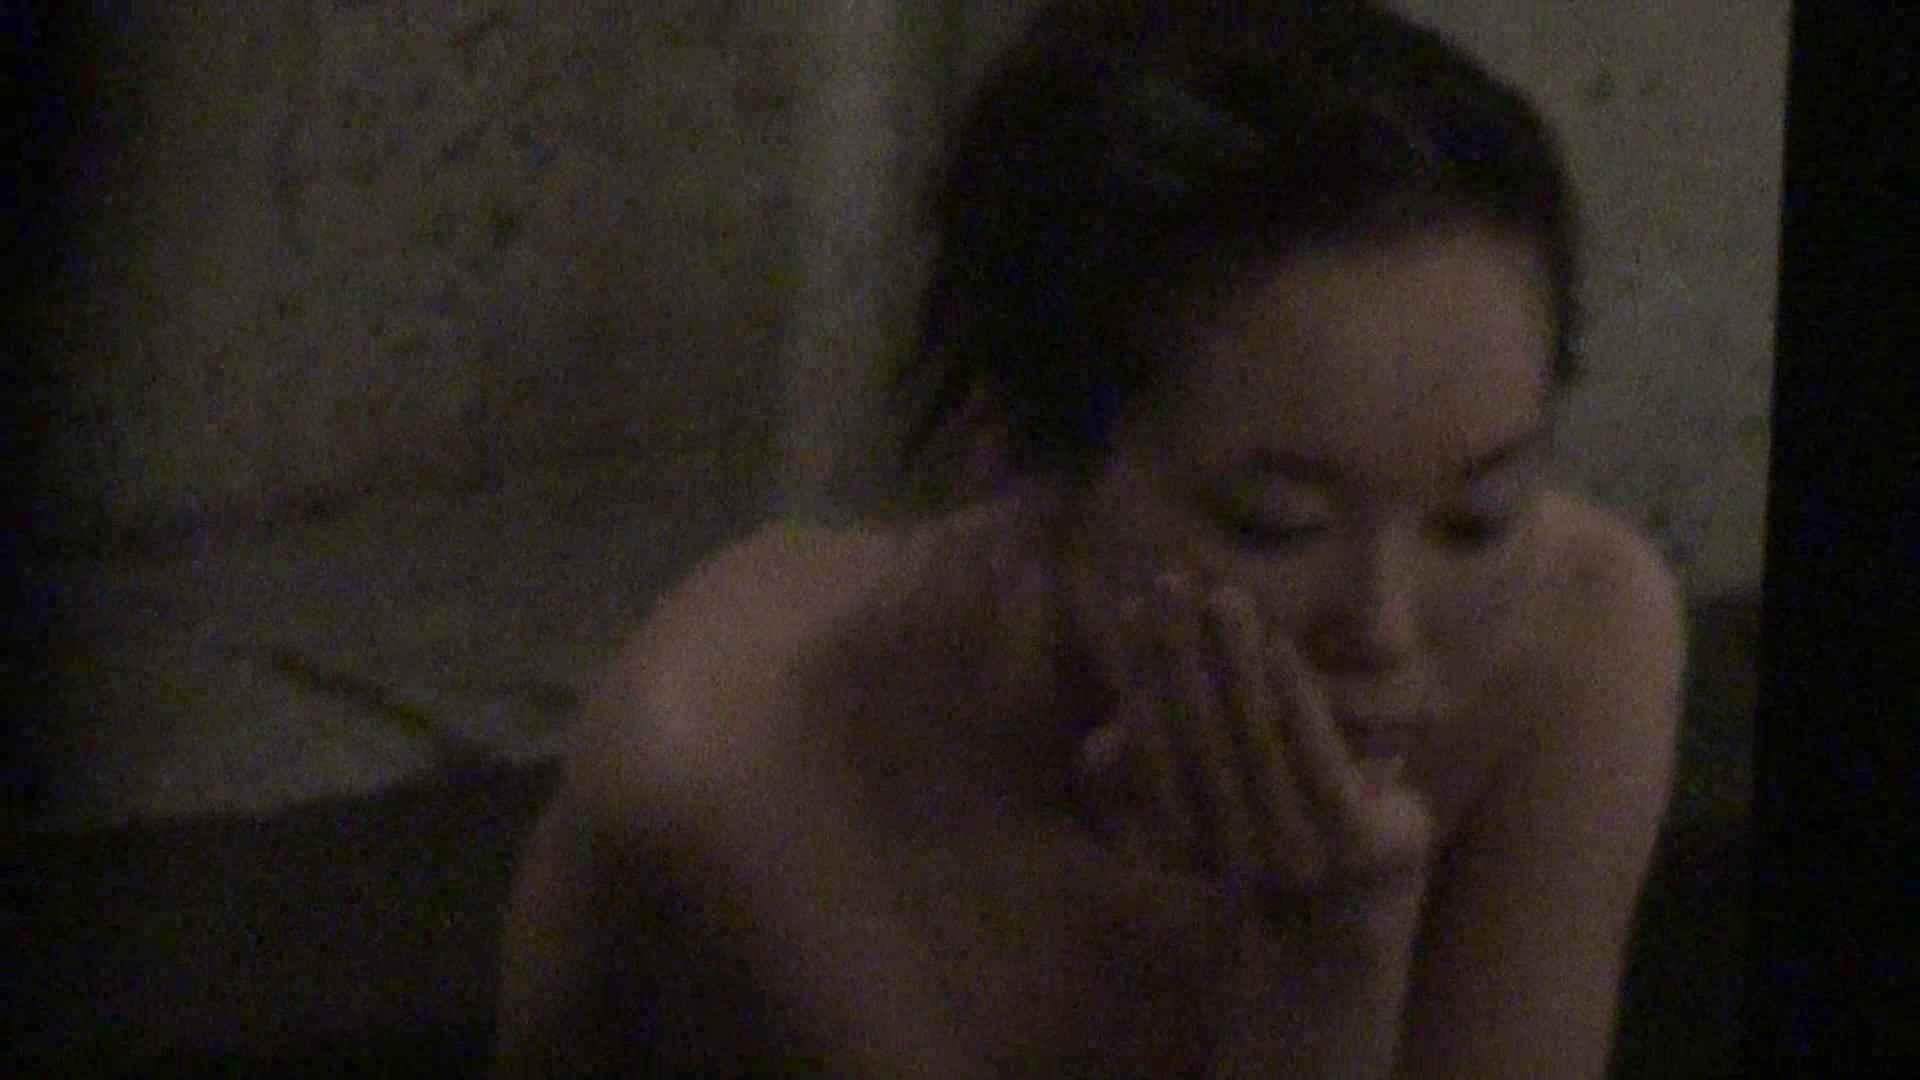 Aquaな露天風呂Vol.386 OLのエロ生活   盗撮  107連発 7